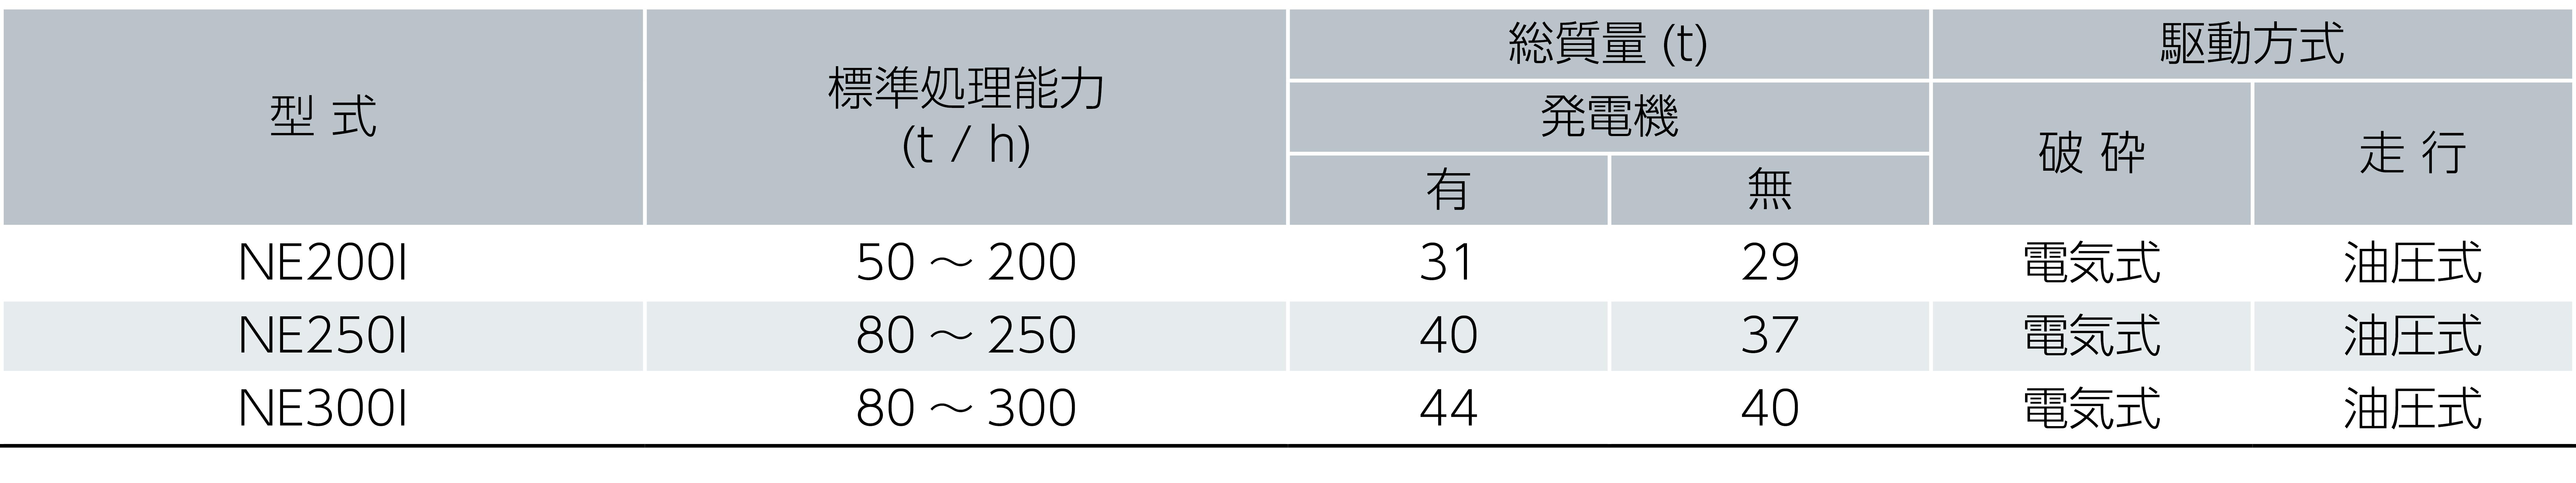 インパクトクラッシャ仕様表